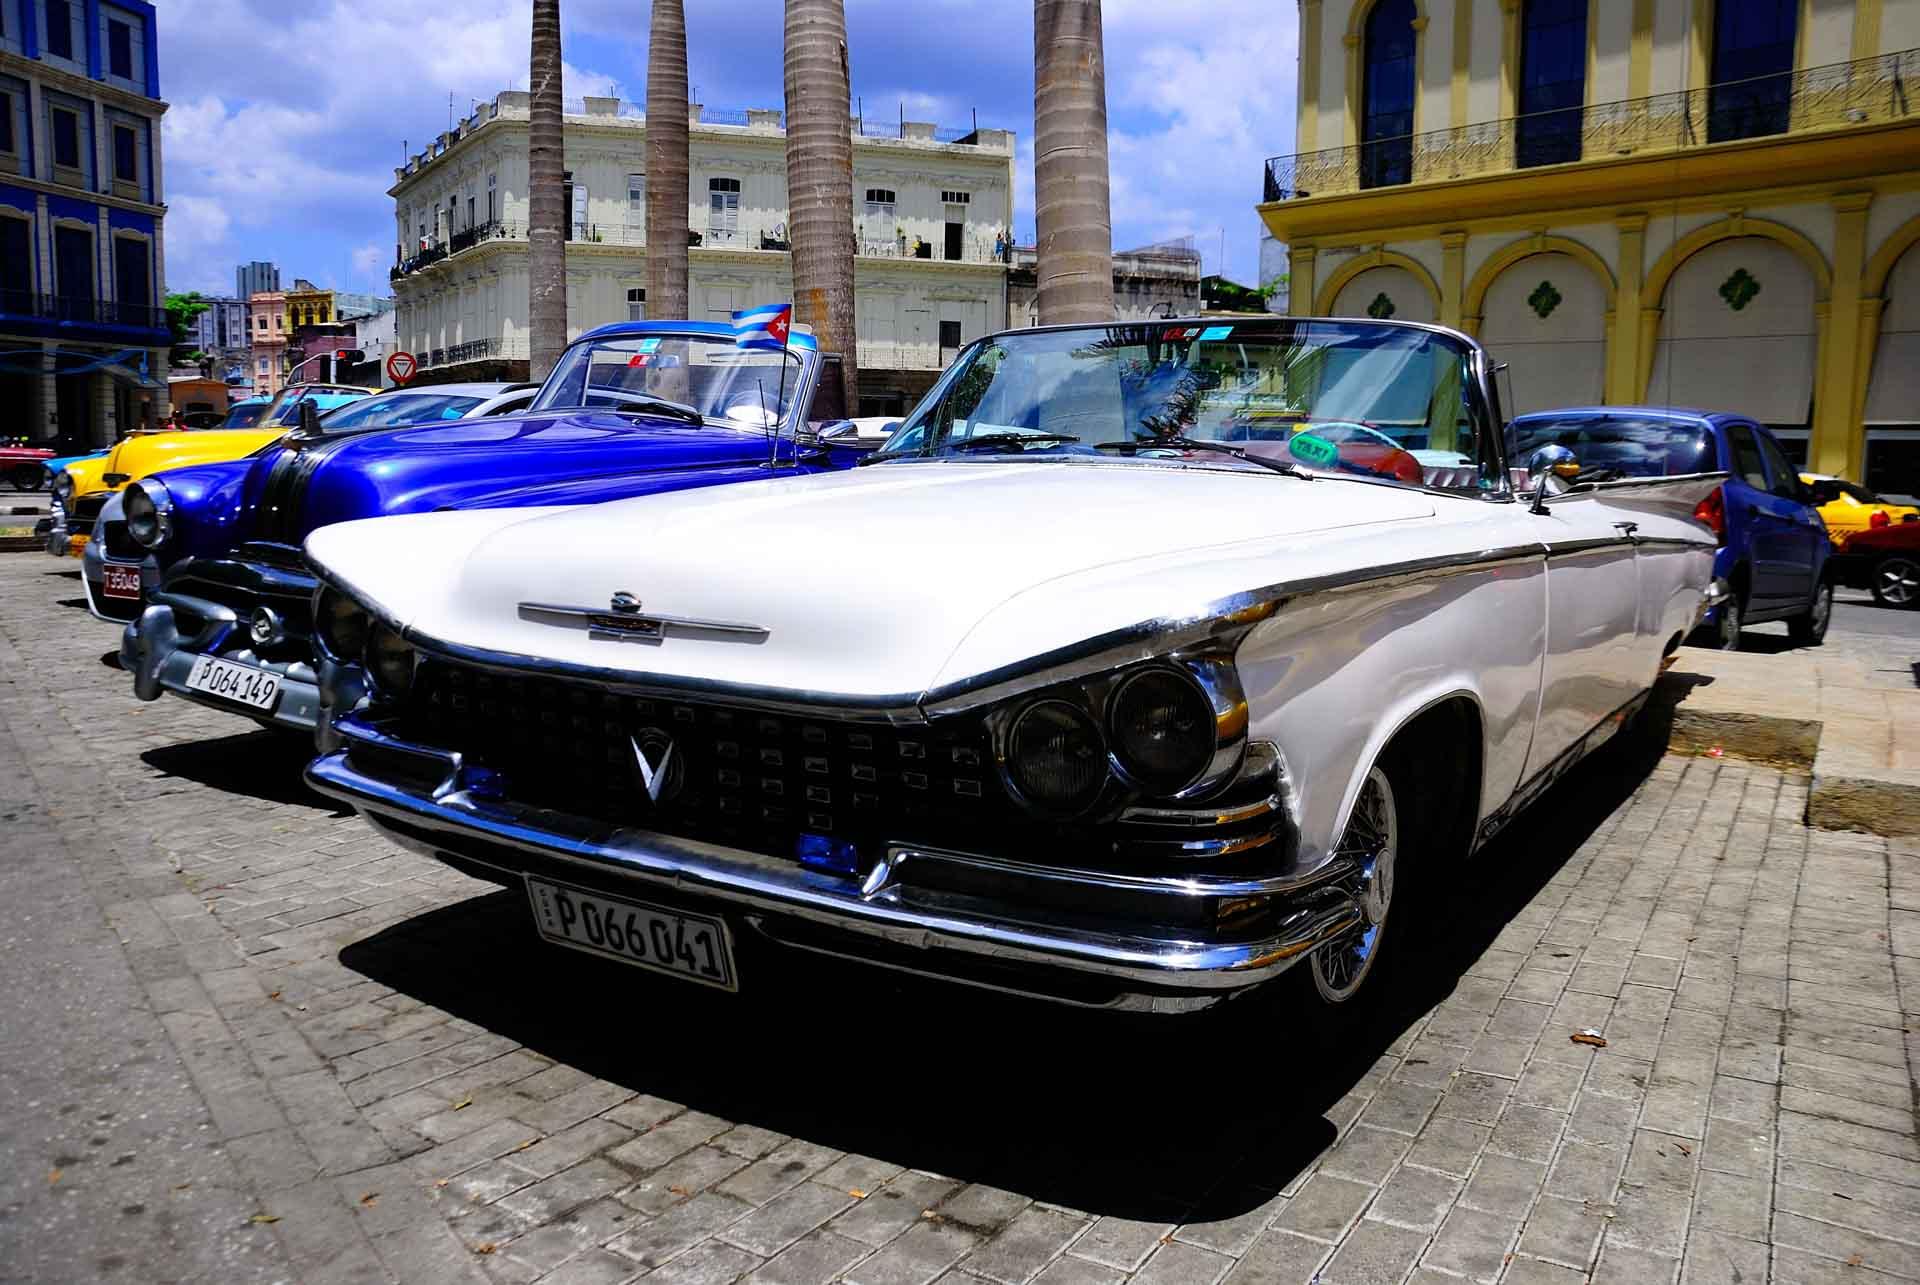 Havana Cuba Vintage Car 3, havana, cuba, pescart, photo blog, travel blog, blog, photo travel blog, enrico pescantini, pescantini